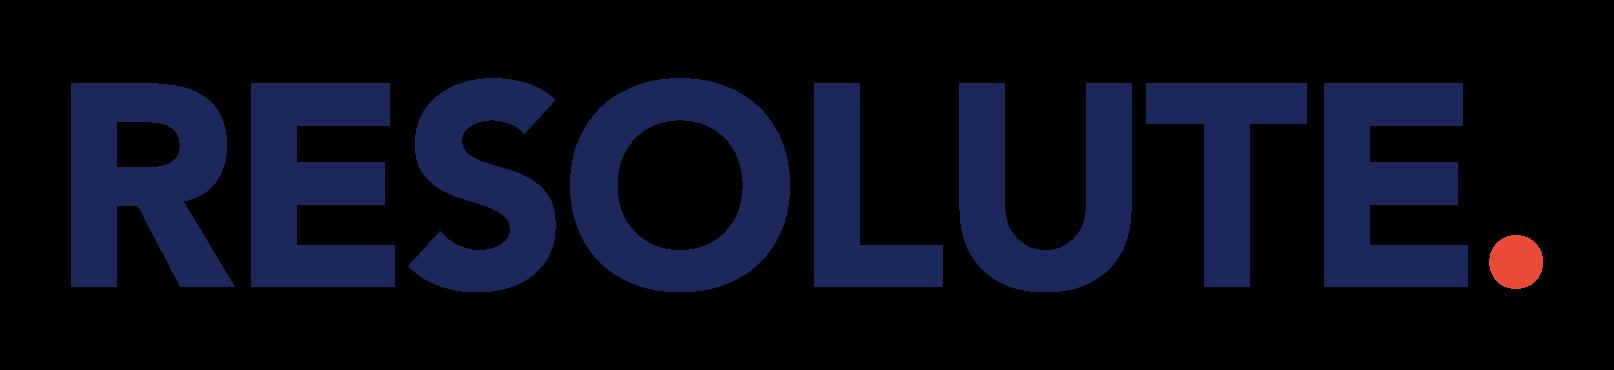 Resolute_Logo-01.png